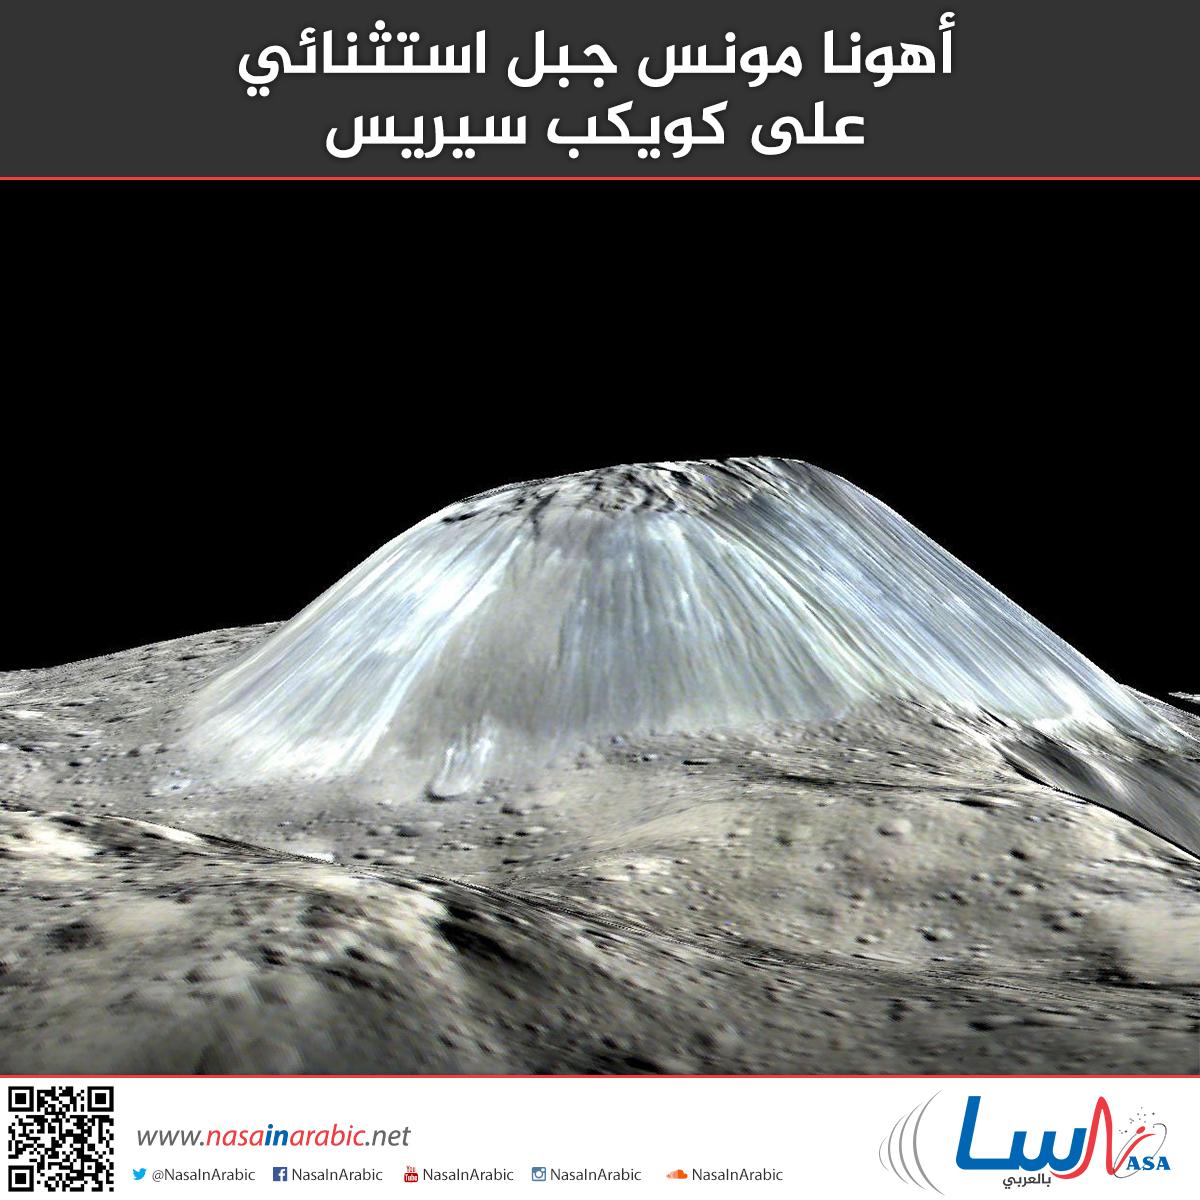 أهونا مونس جبل استثنائي على كويكب سيريس